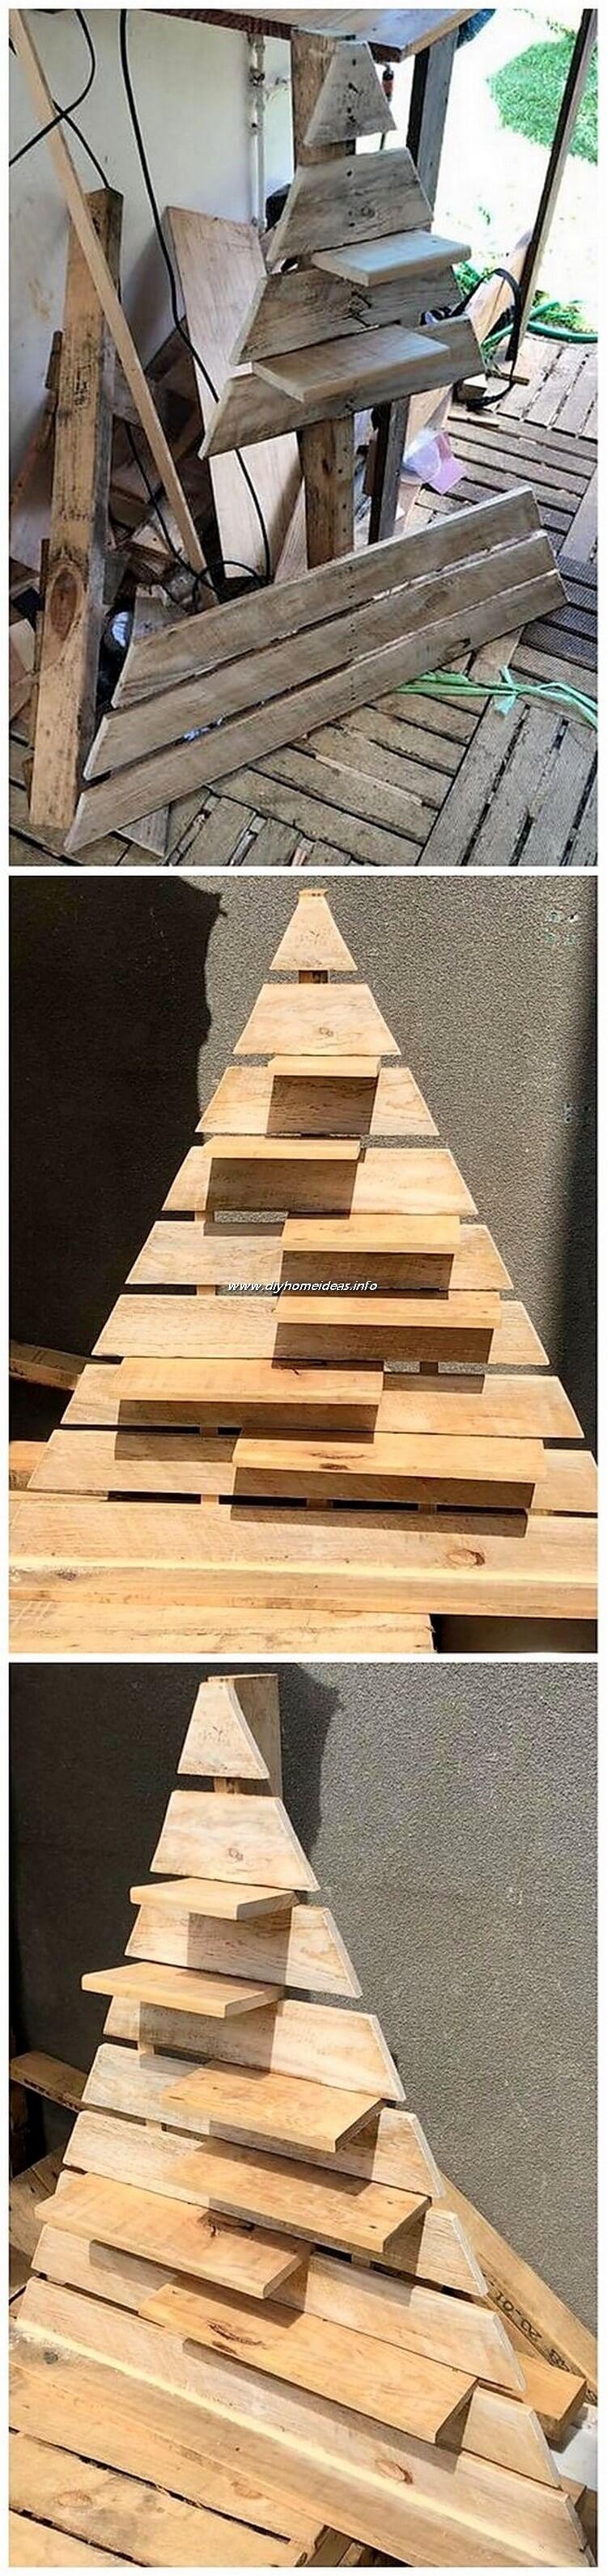 DIY Pallet Tree Art